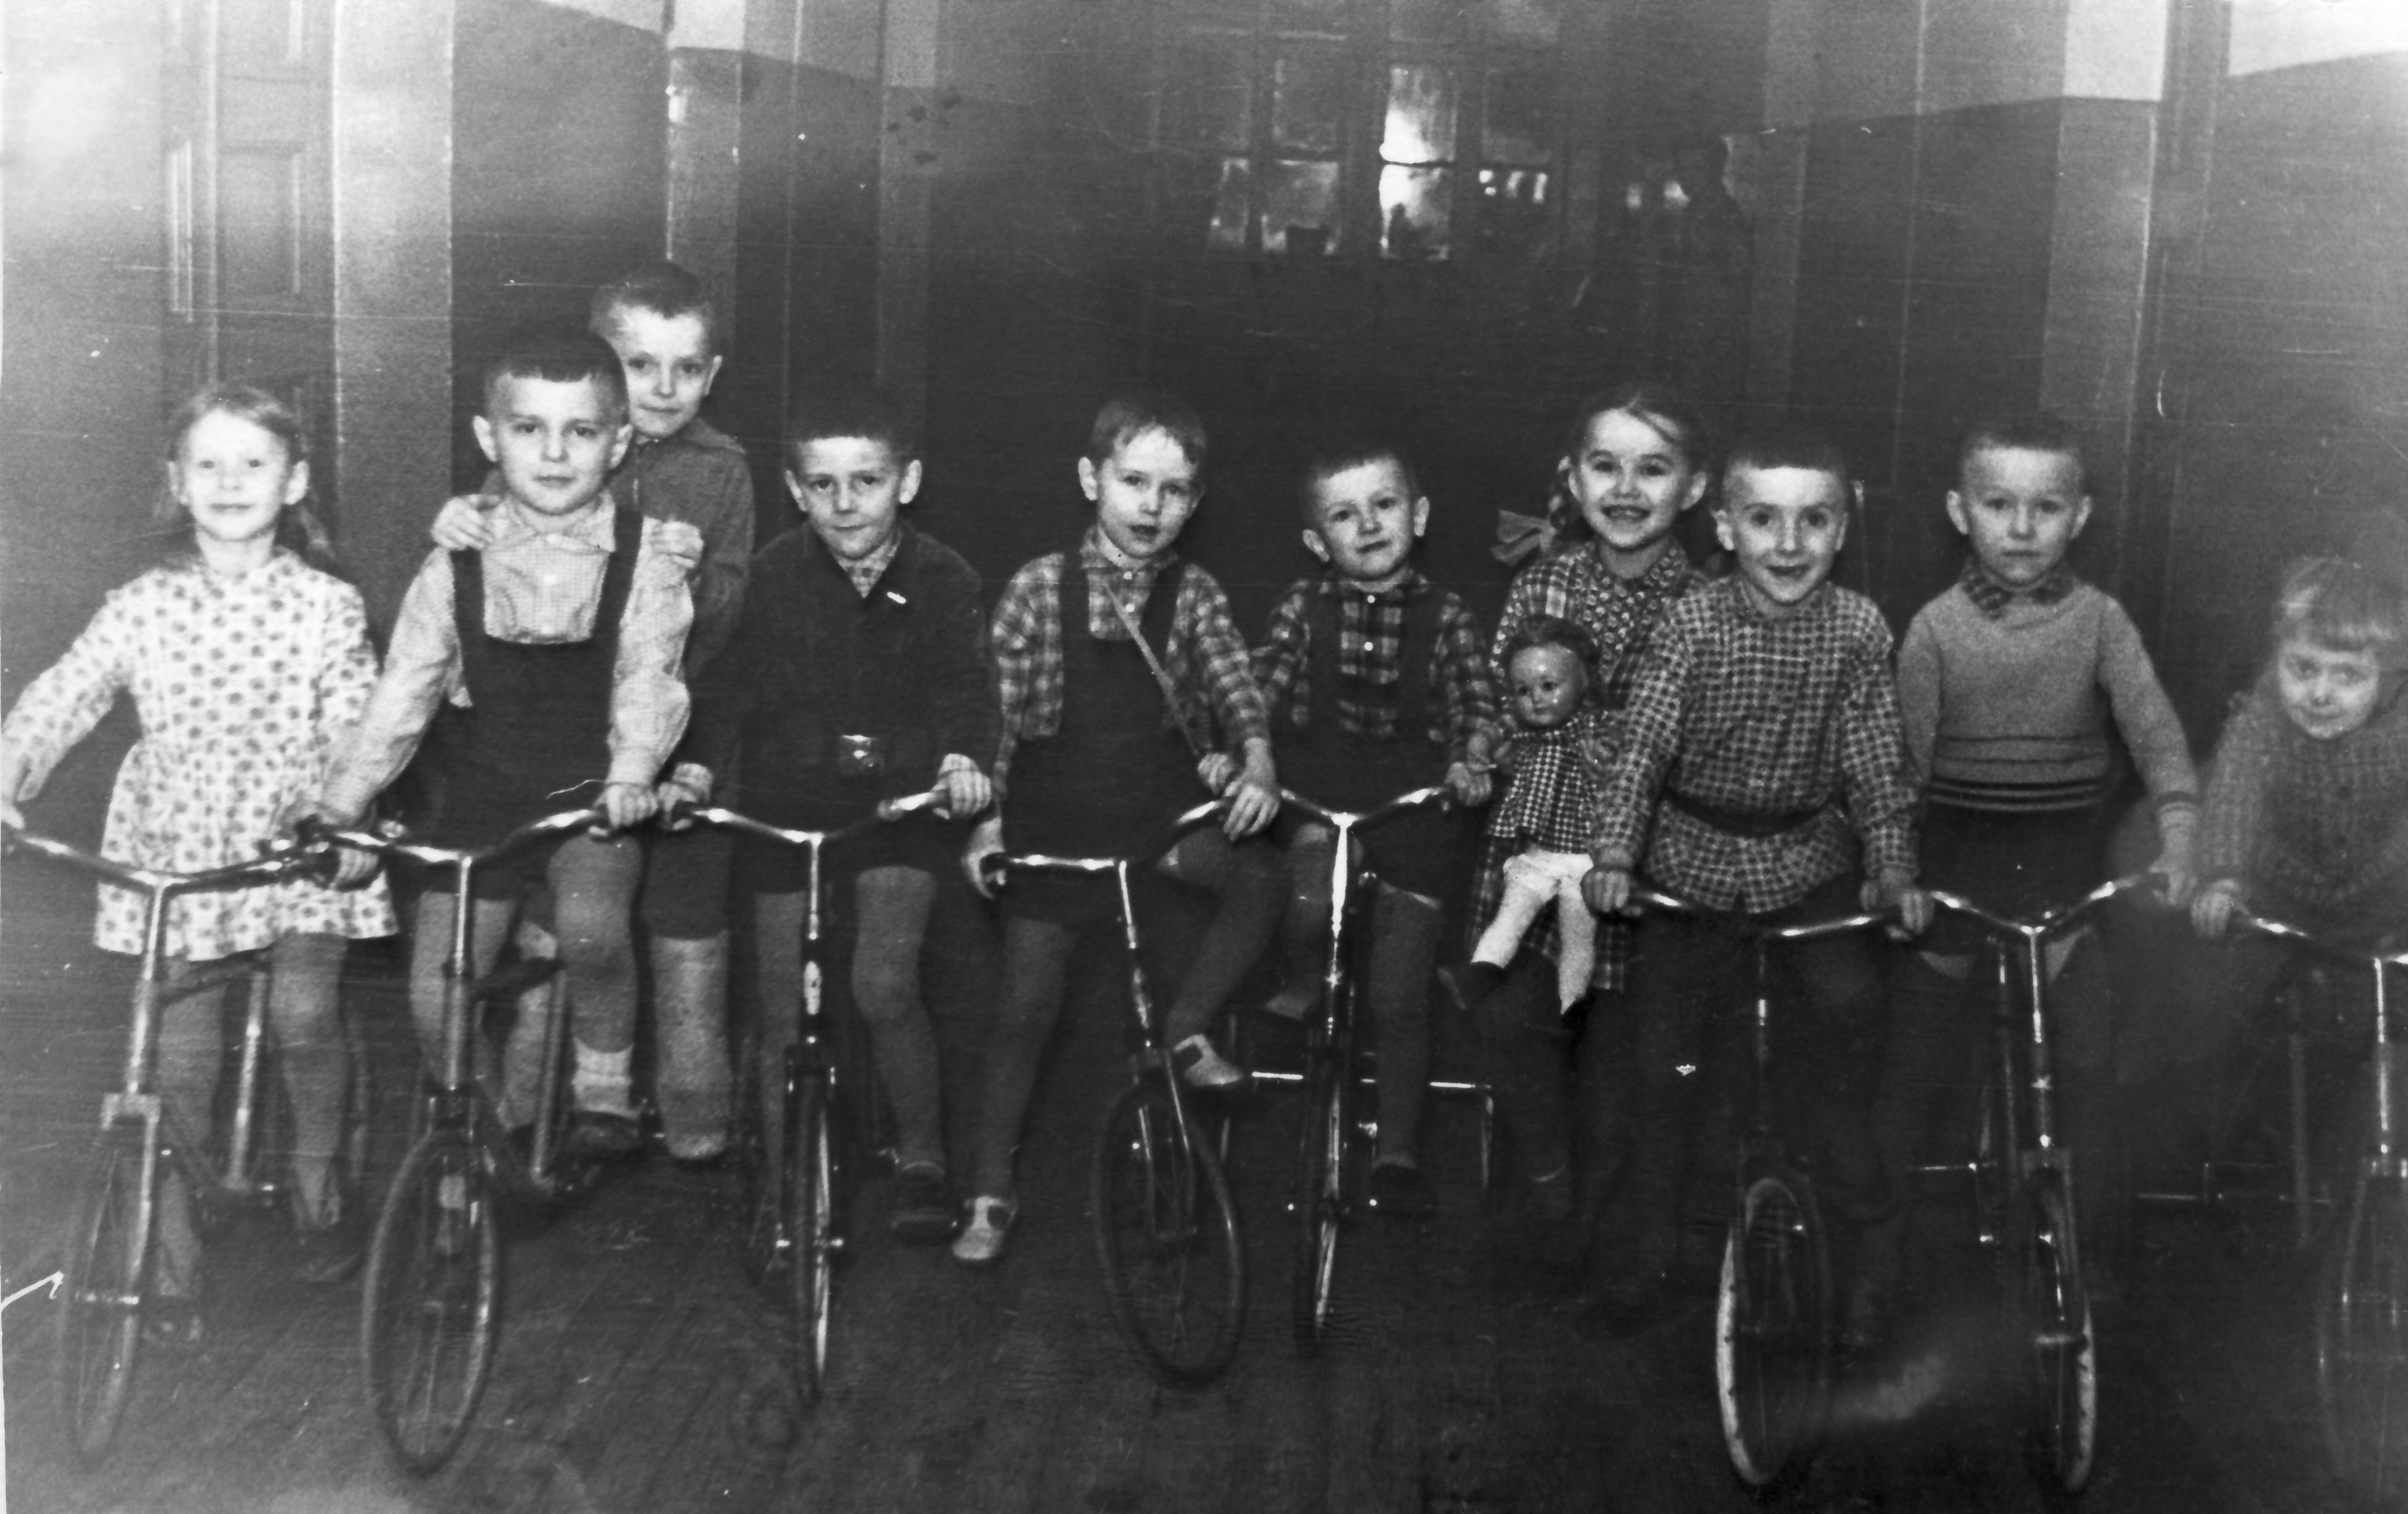 1961. Гонки на велосипедах по коридору